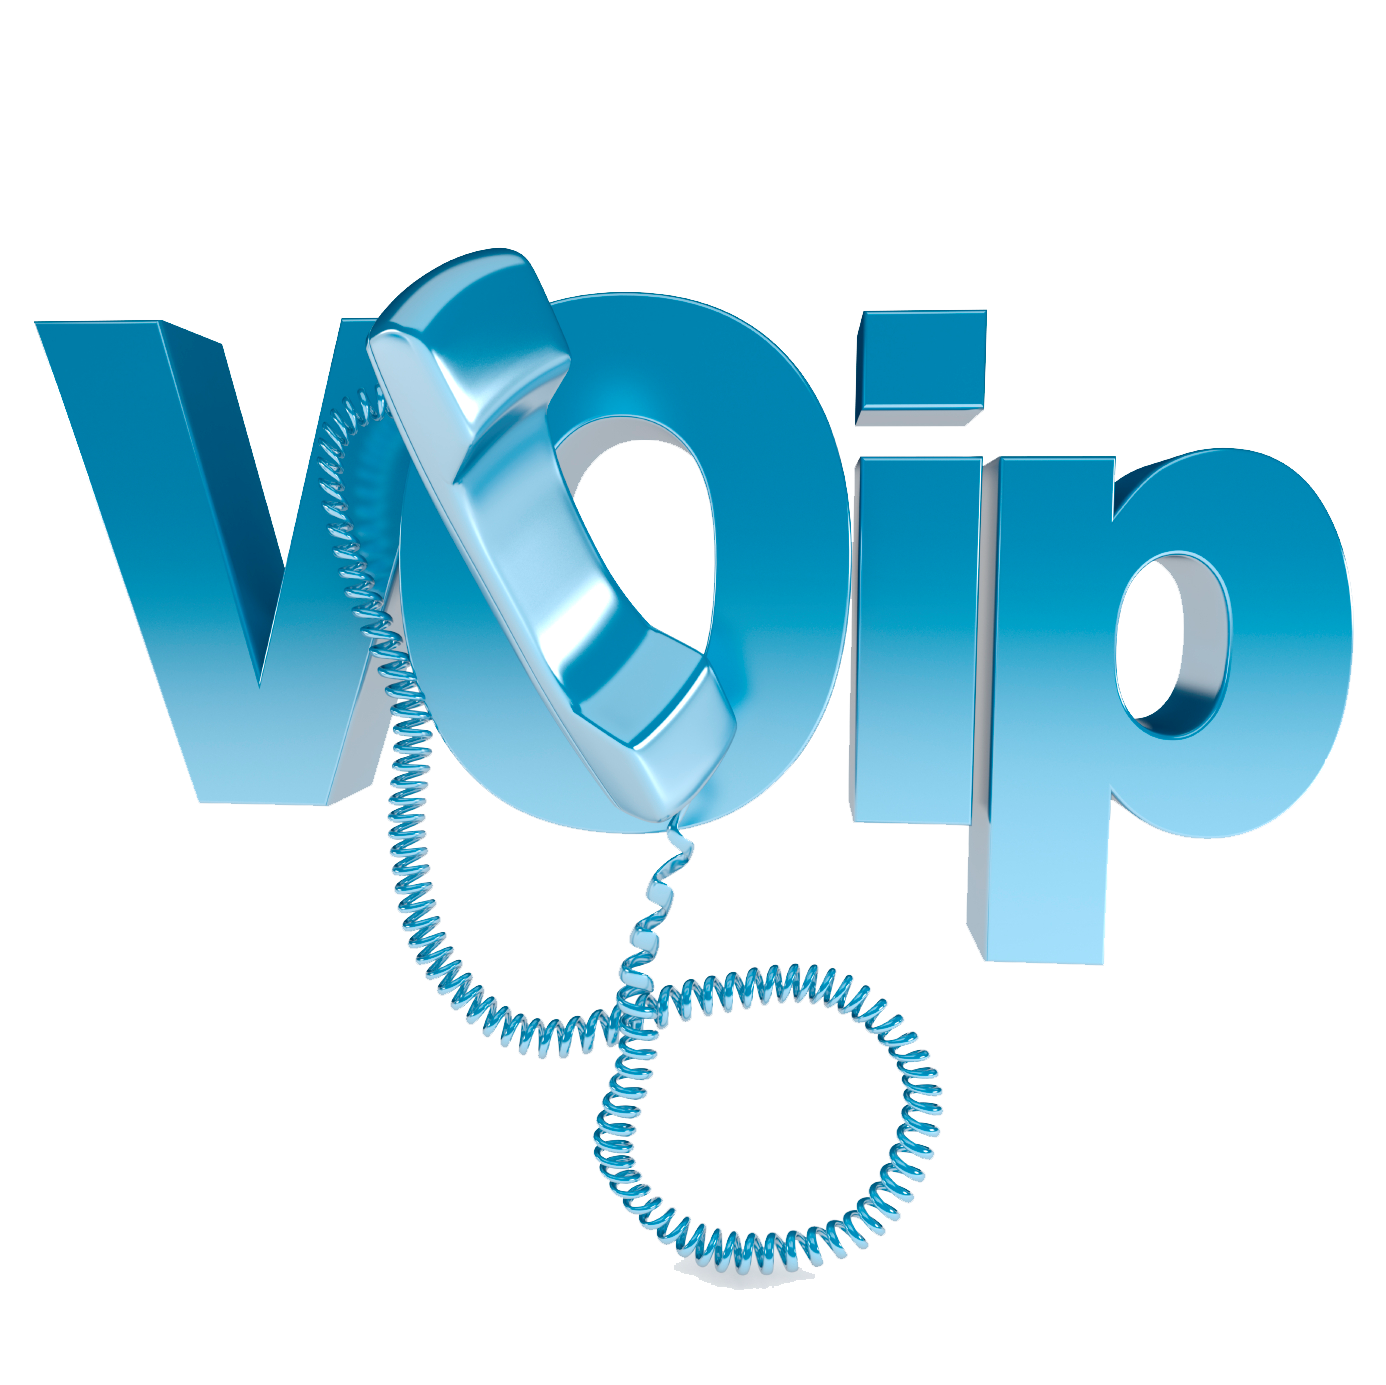 Pengertian VOIP, Kebutuhan Perangkat, VoIP konsep kerja ...